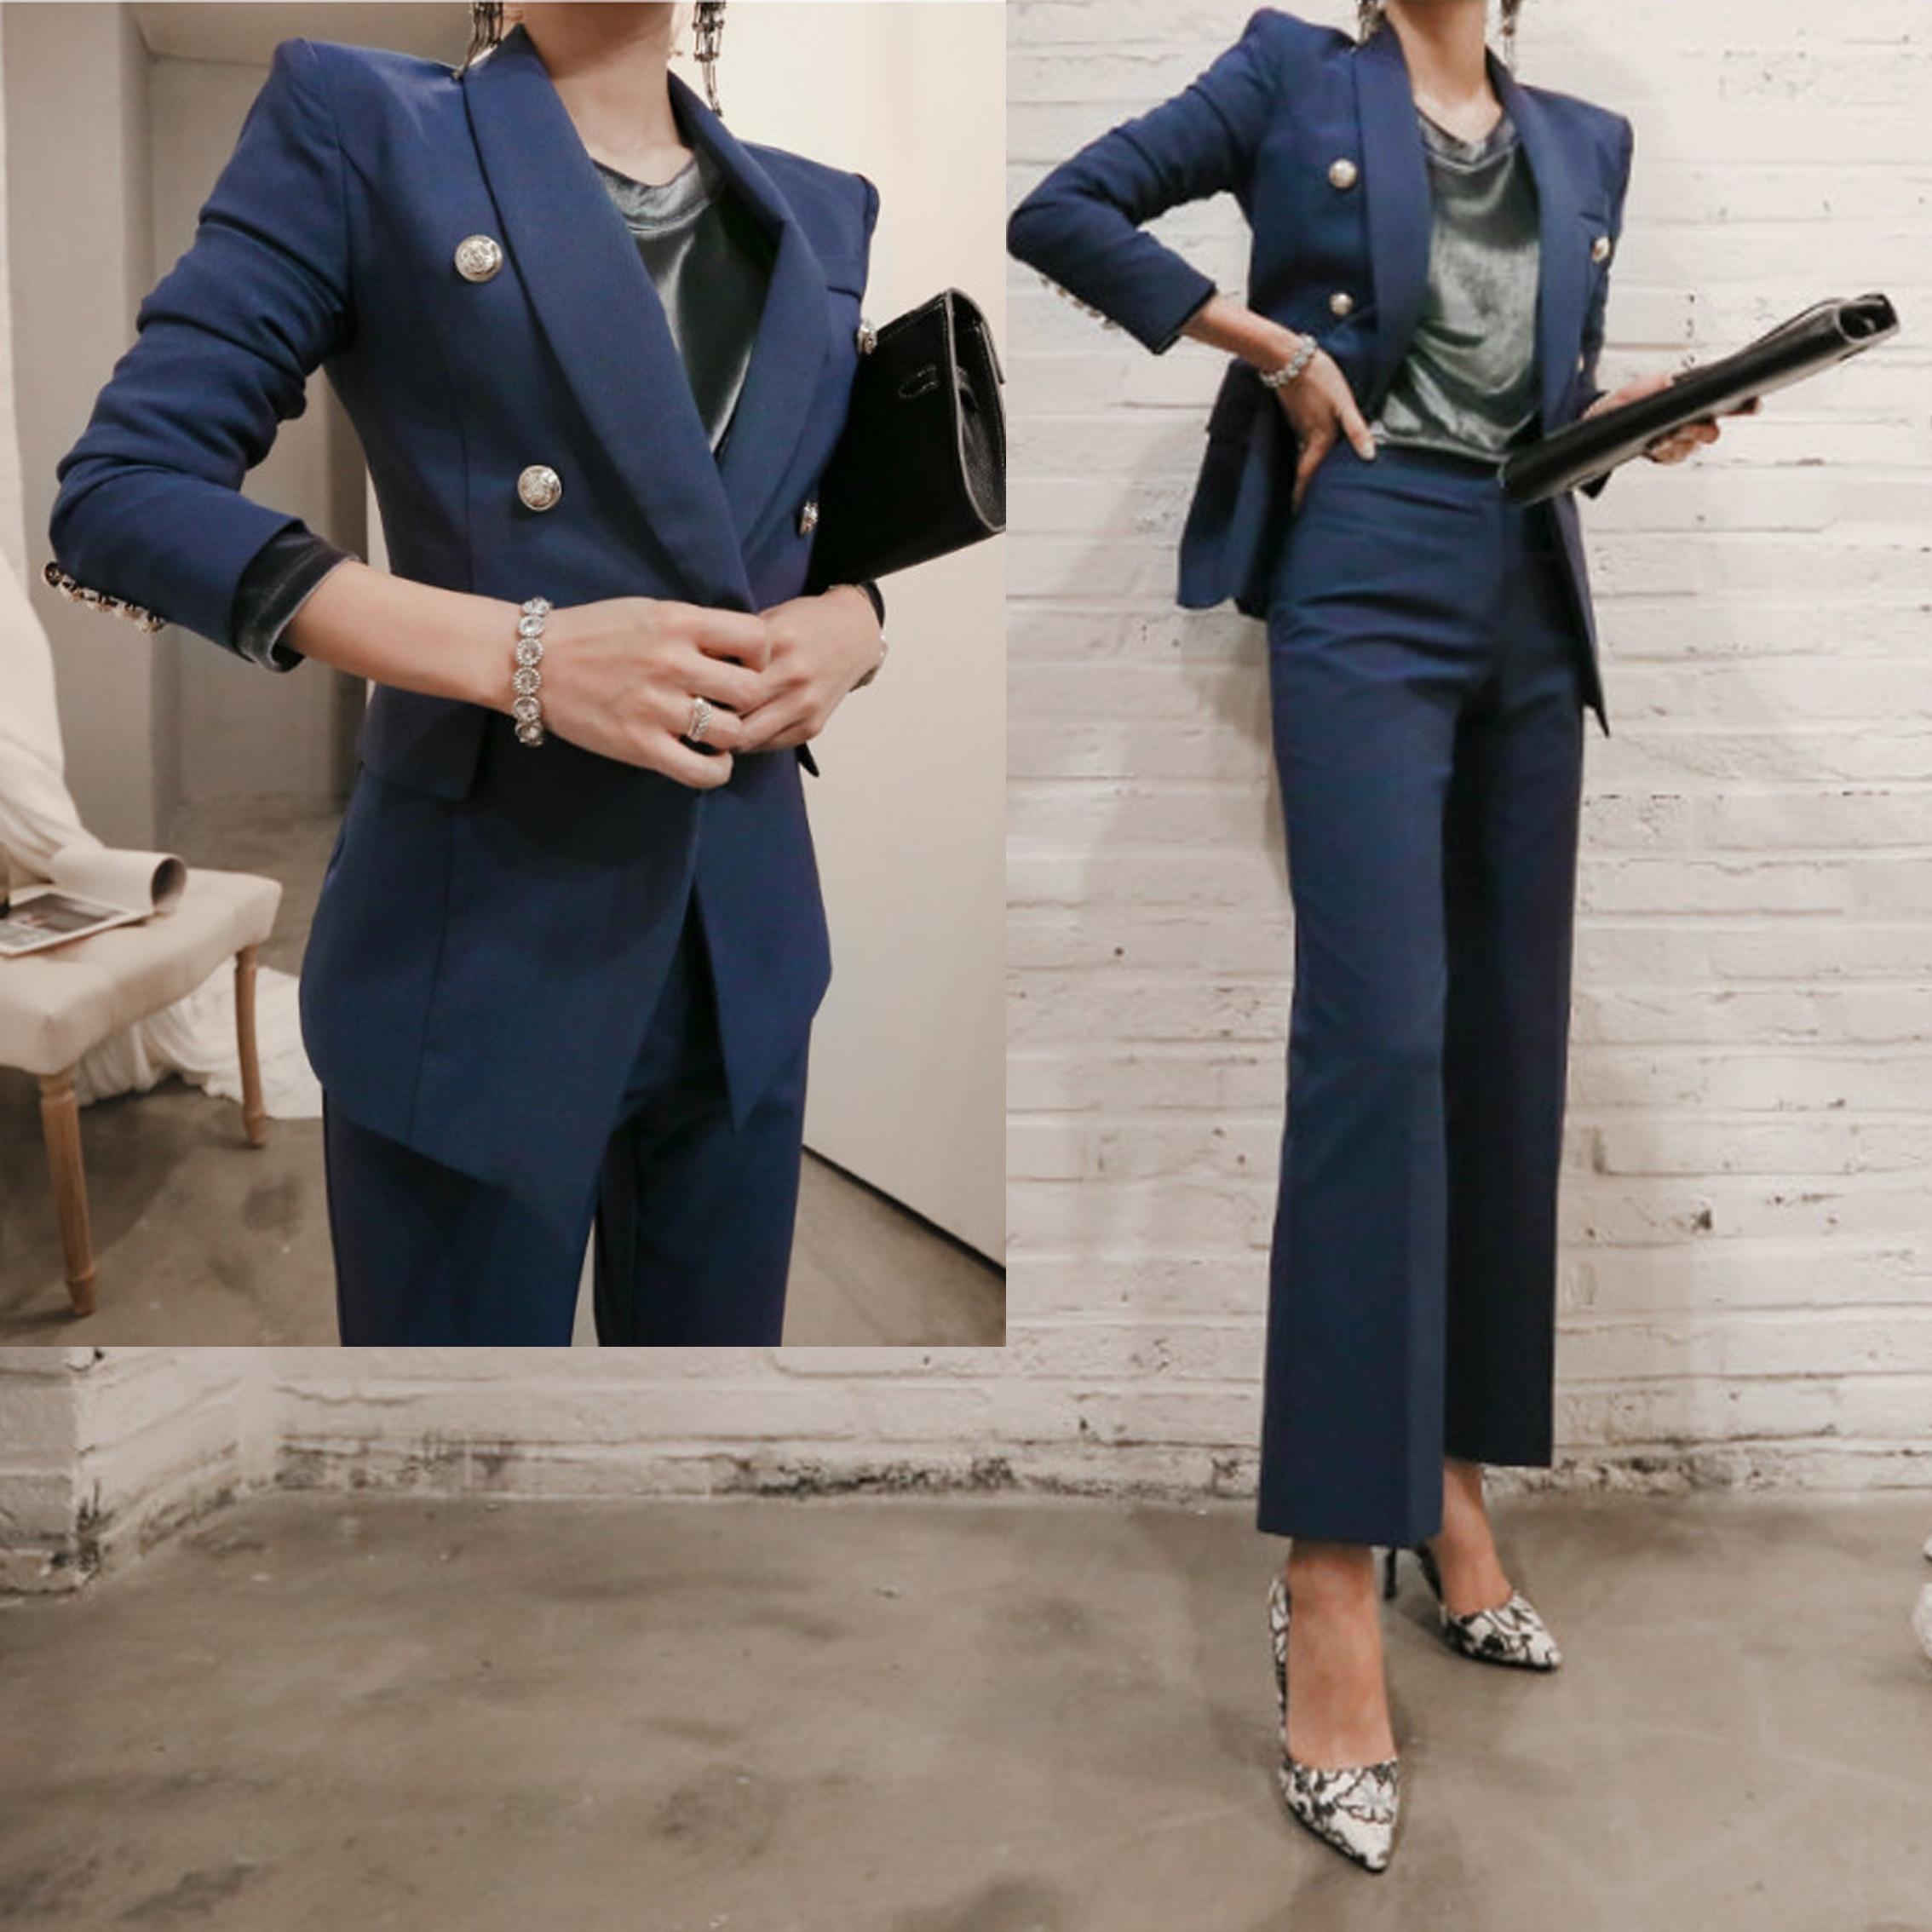 Conçoit Automne Uniforme Costumes Blazer 1 Ensemble Bureau Pantalon Patchwork 2 Long Féminin Les Costume Veste Double Pièce Boutonnage Femmes 7zwqCqHg